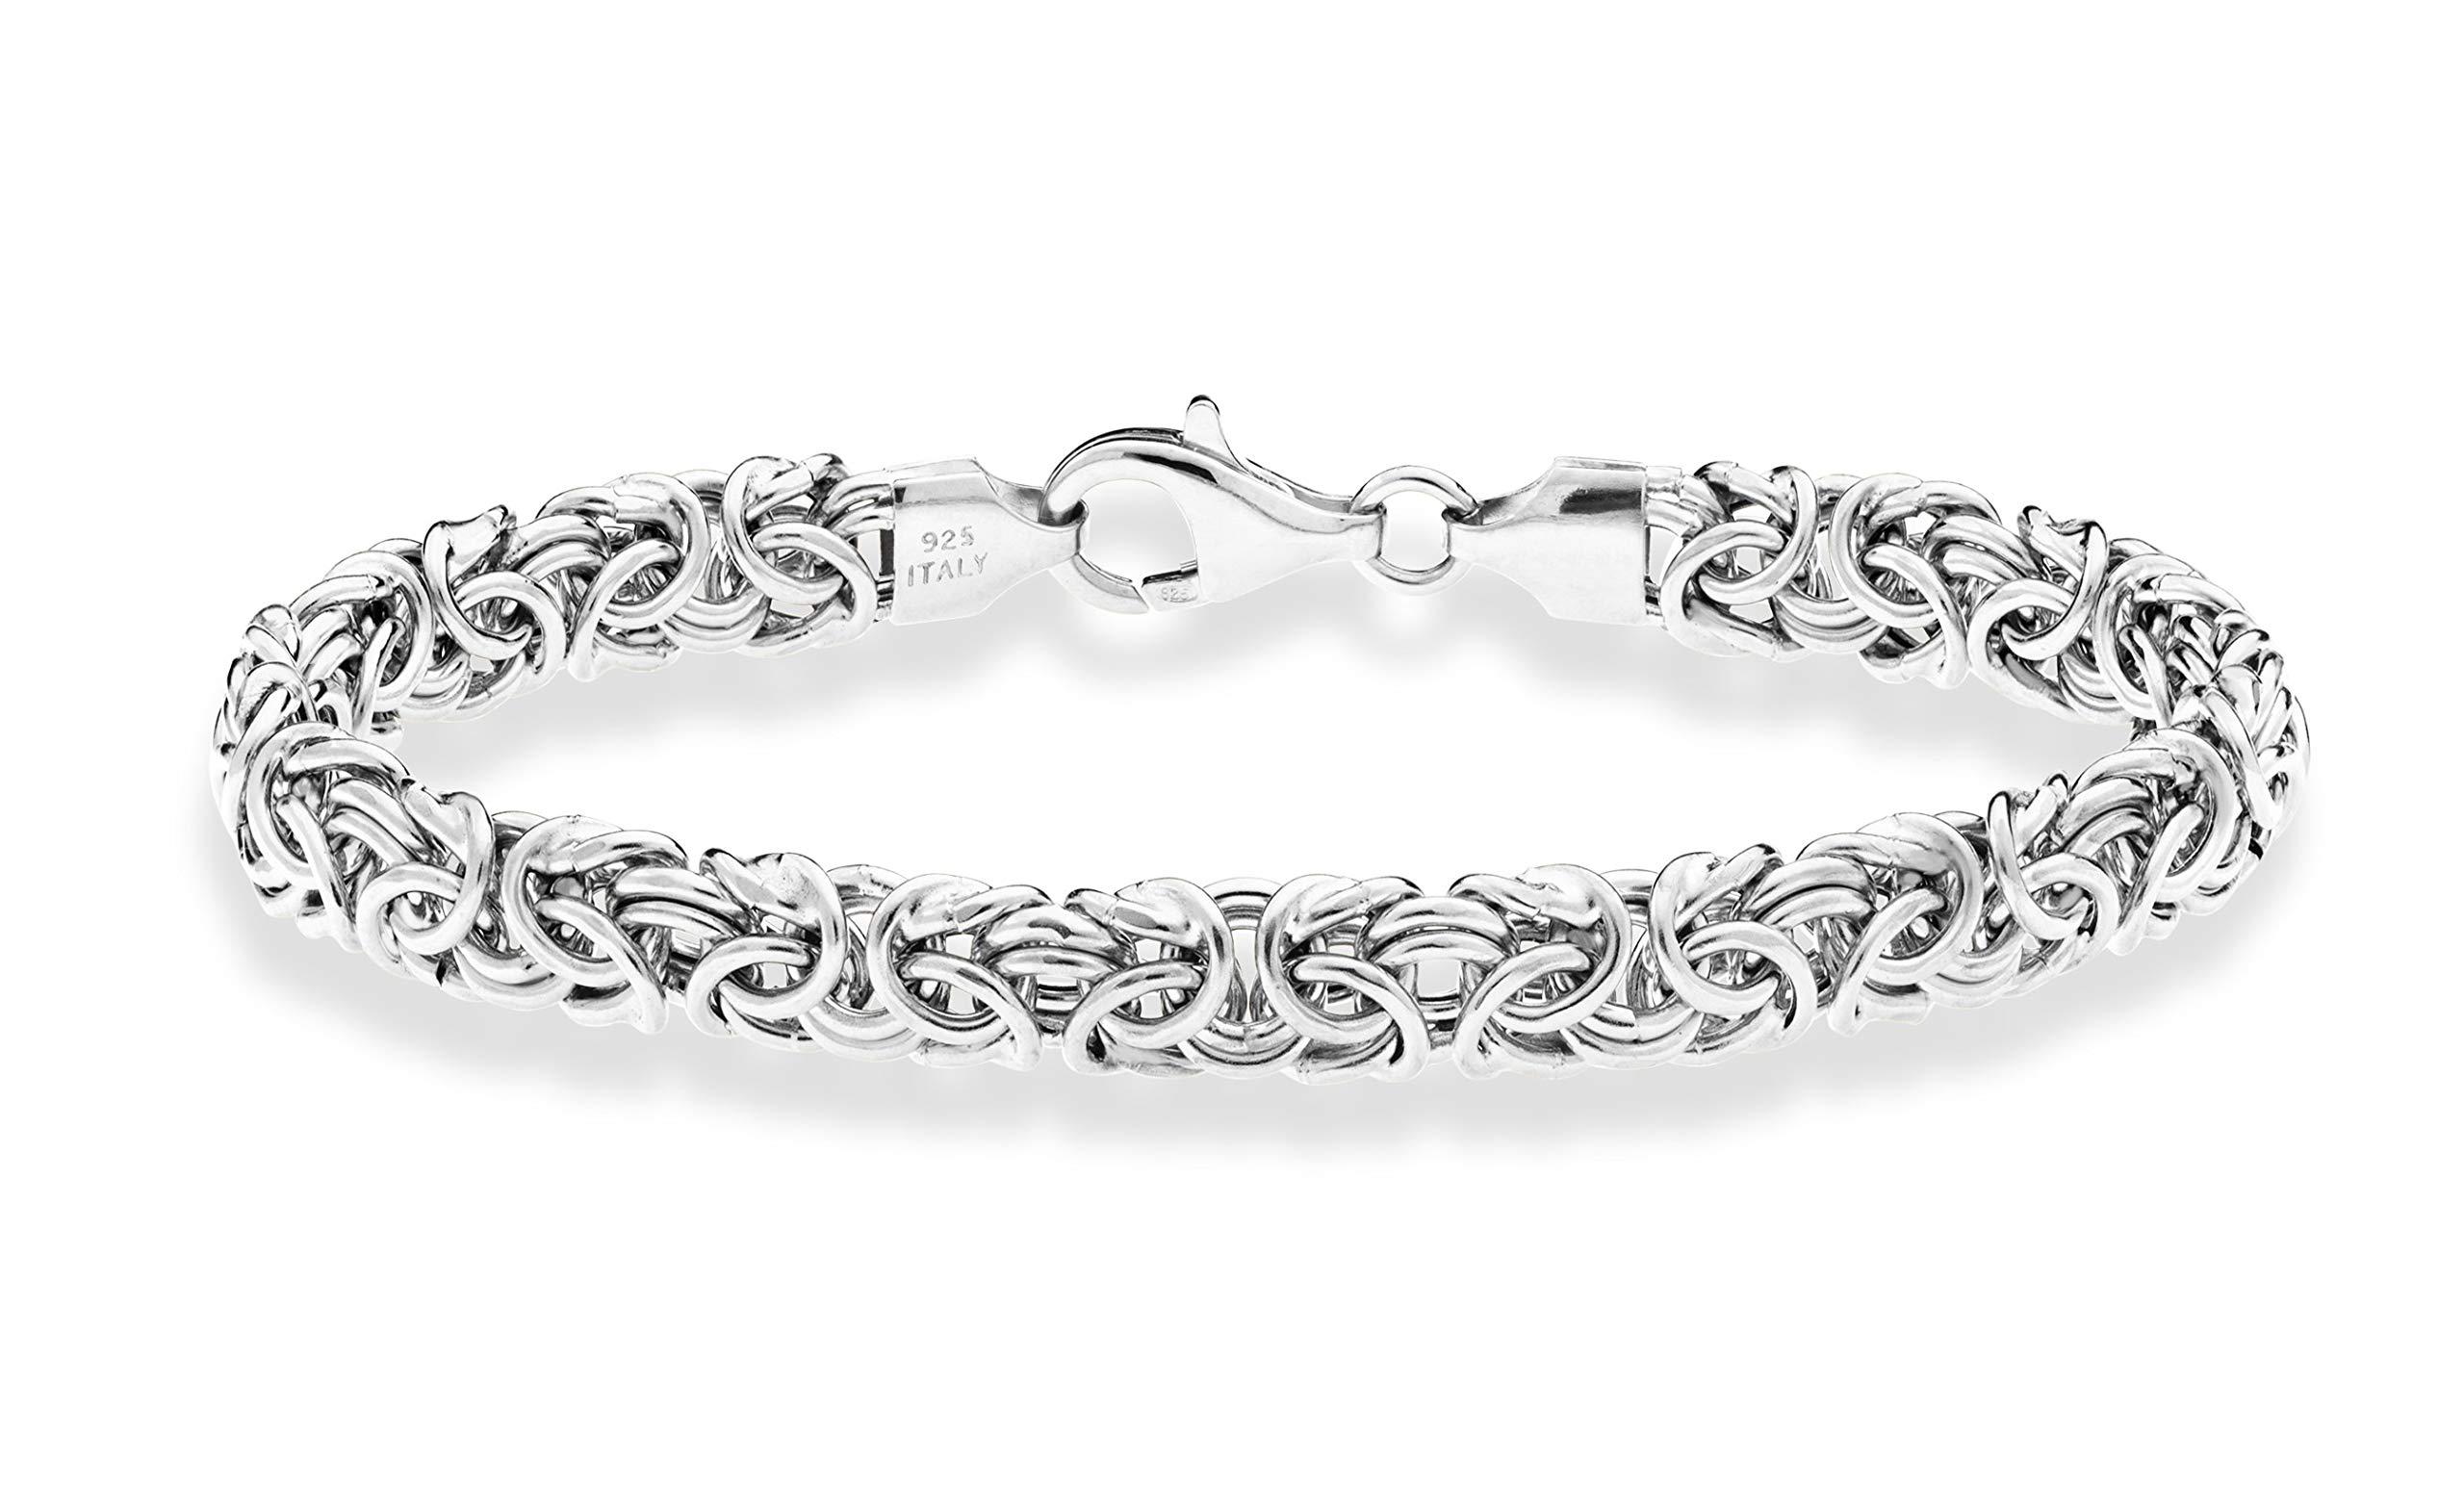 MiaBella 925 Sterling Silver Italian Byzantine Bracelet for Women 6.5, 7, 7.25, 7.5, 8 Inch Handmade in Italy (7.25, Sterling-Silver) by MiaBella